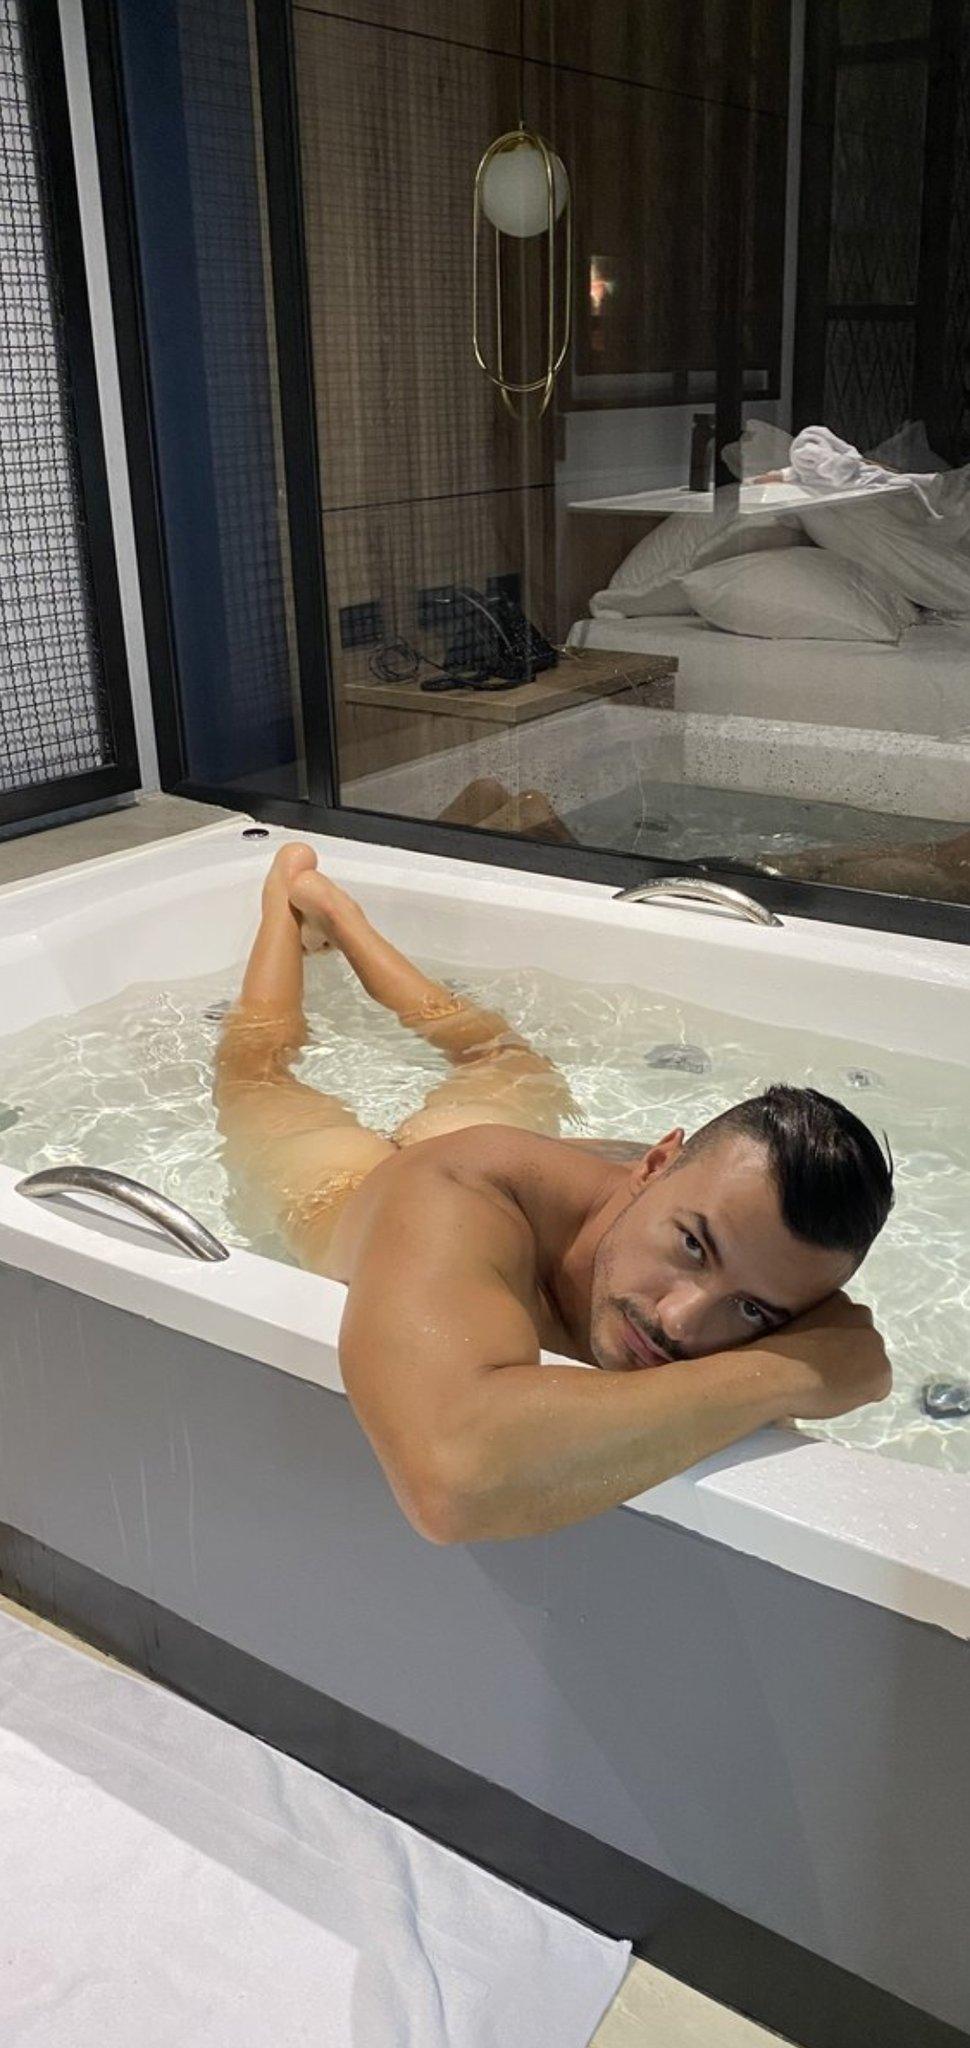 tian desnudo en la ducha